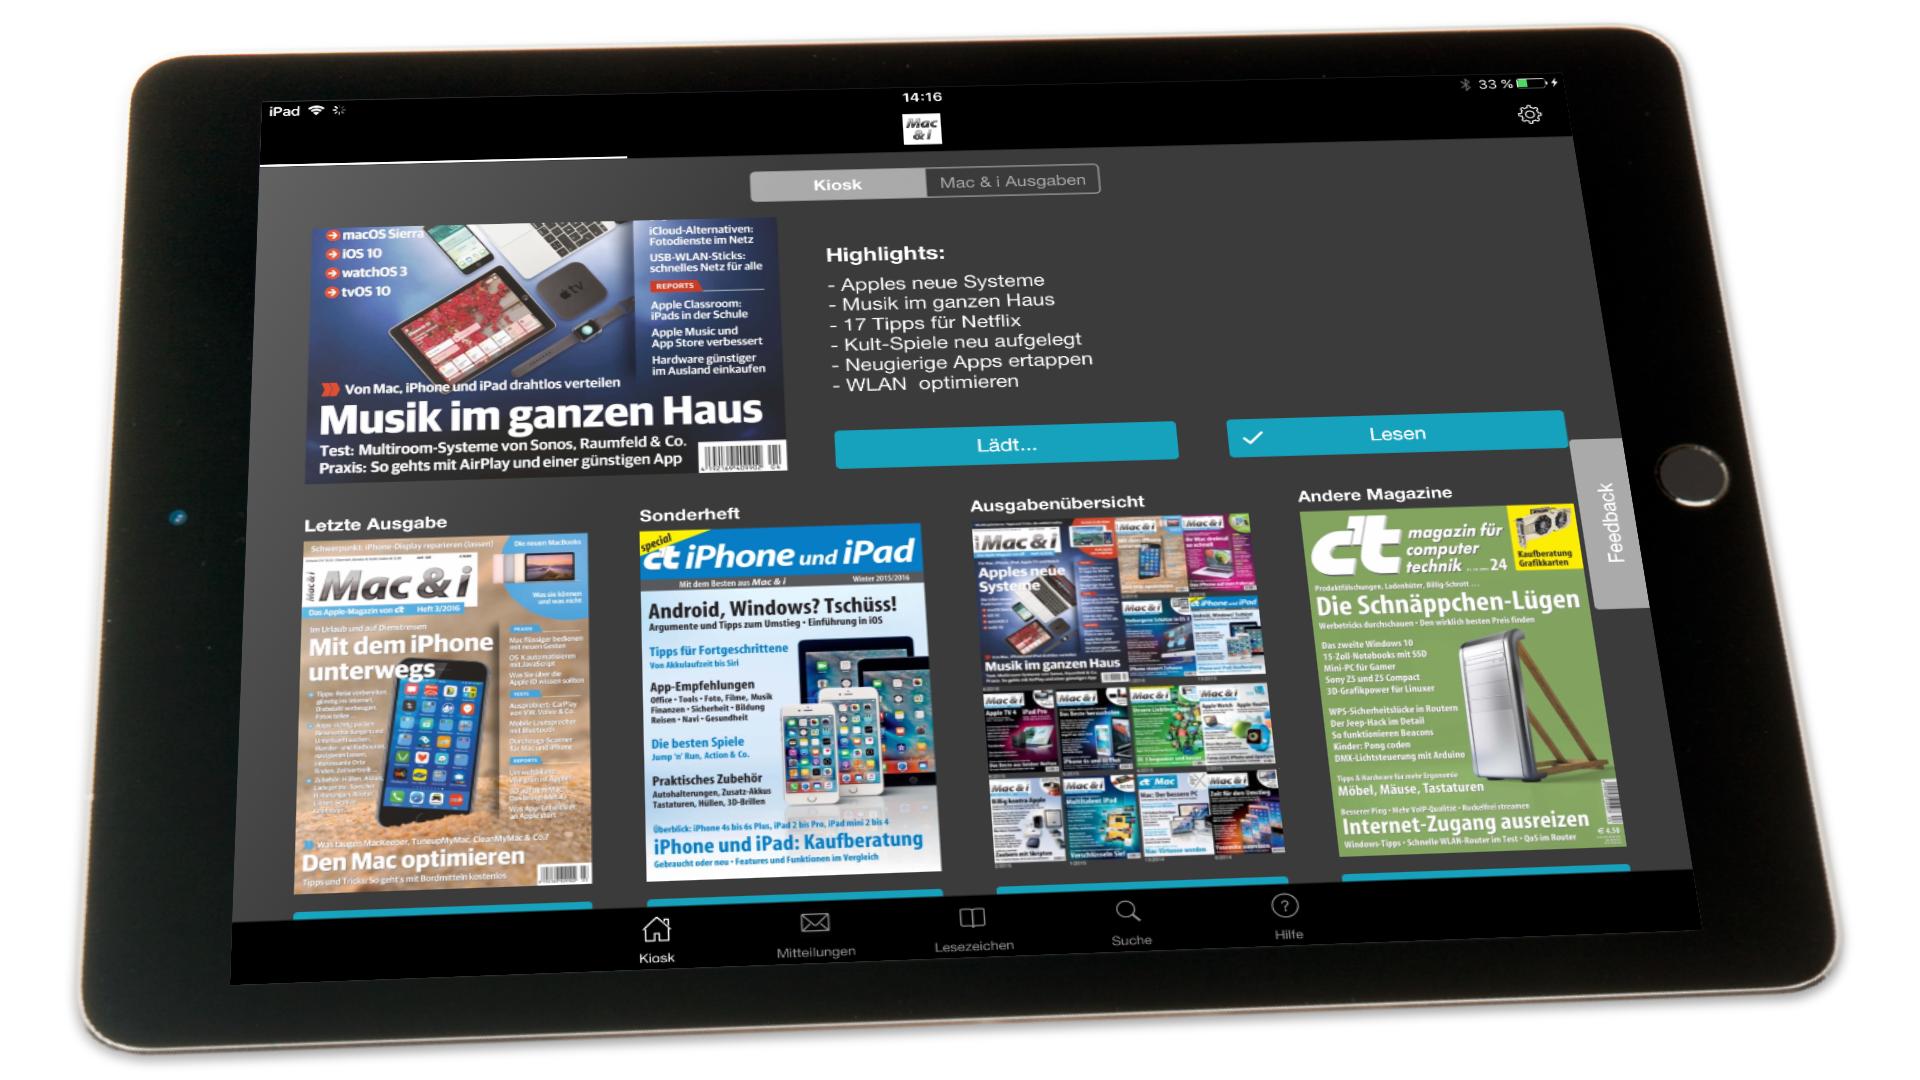 cc4a311d3c9b69 In eigener Sache  iOS-Apps für die Heise-Magazine neu aufgelegt ...